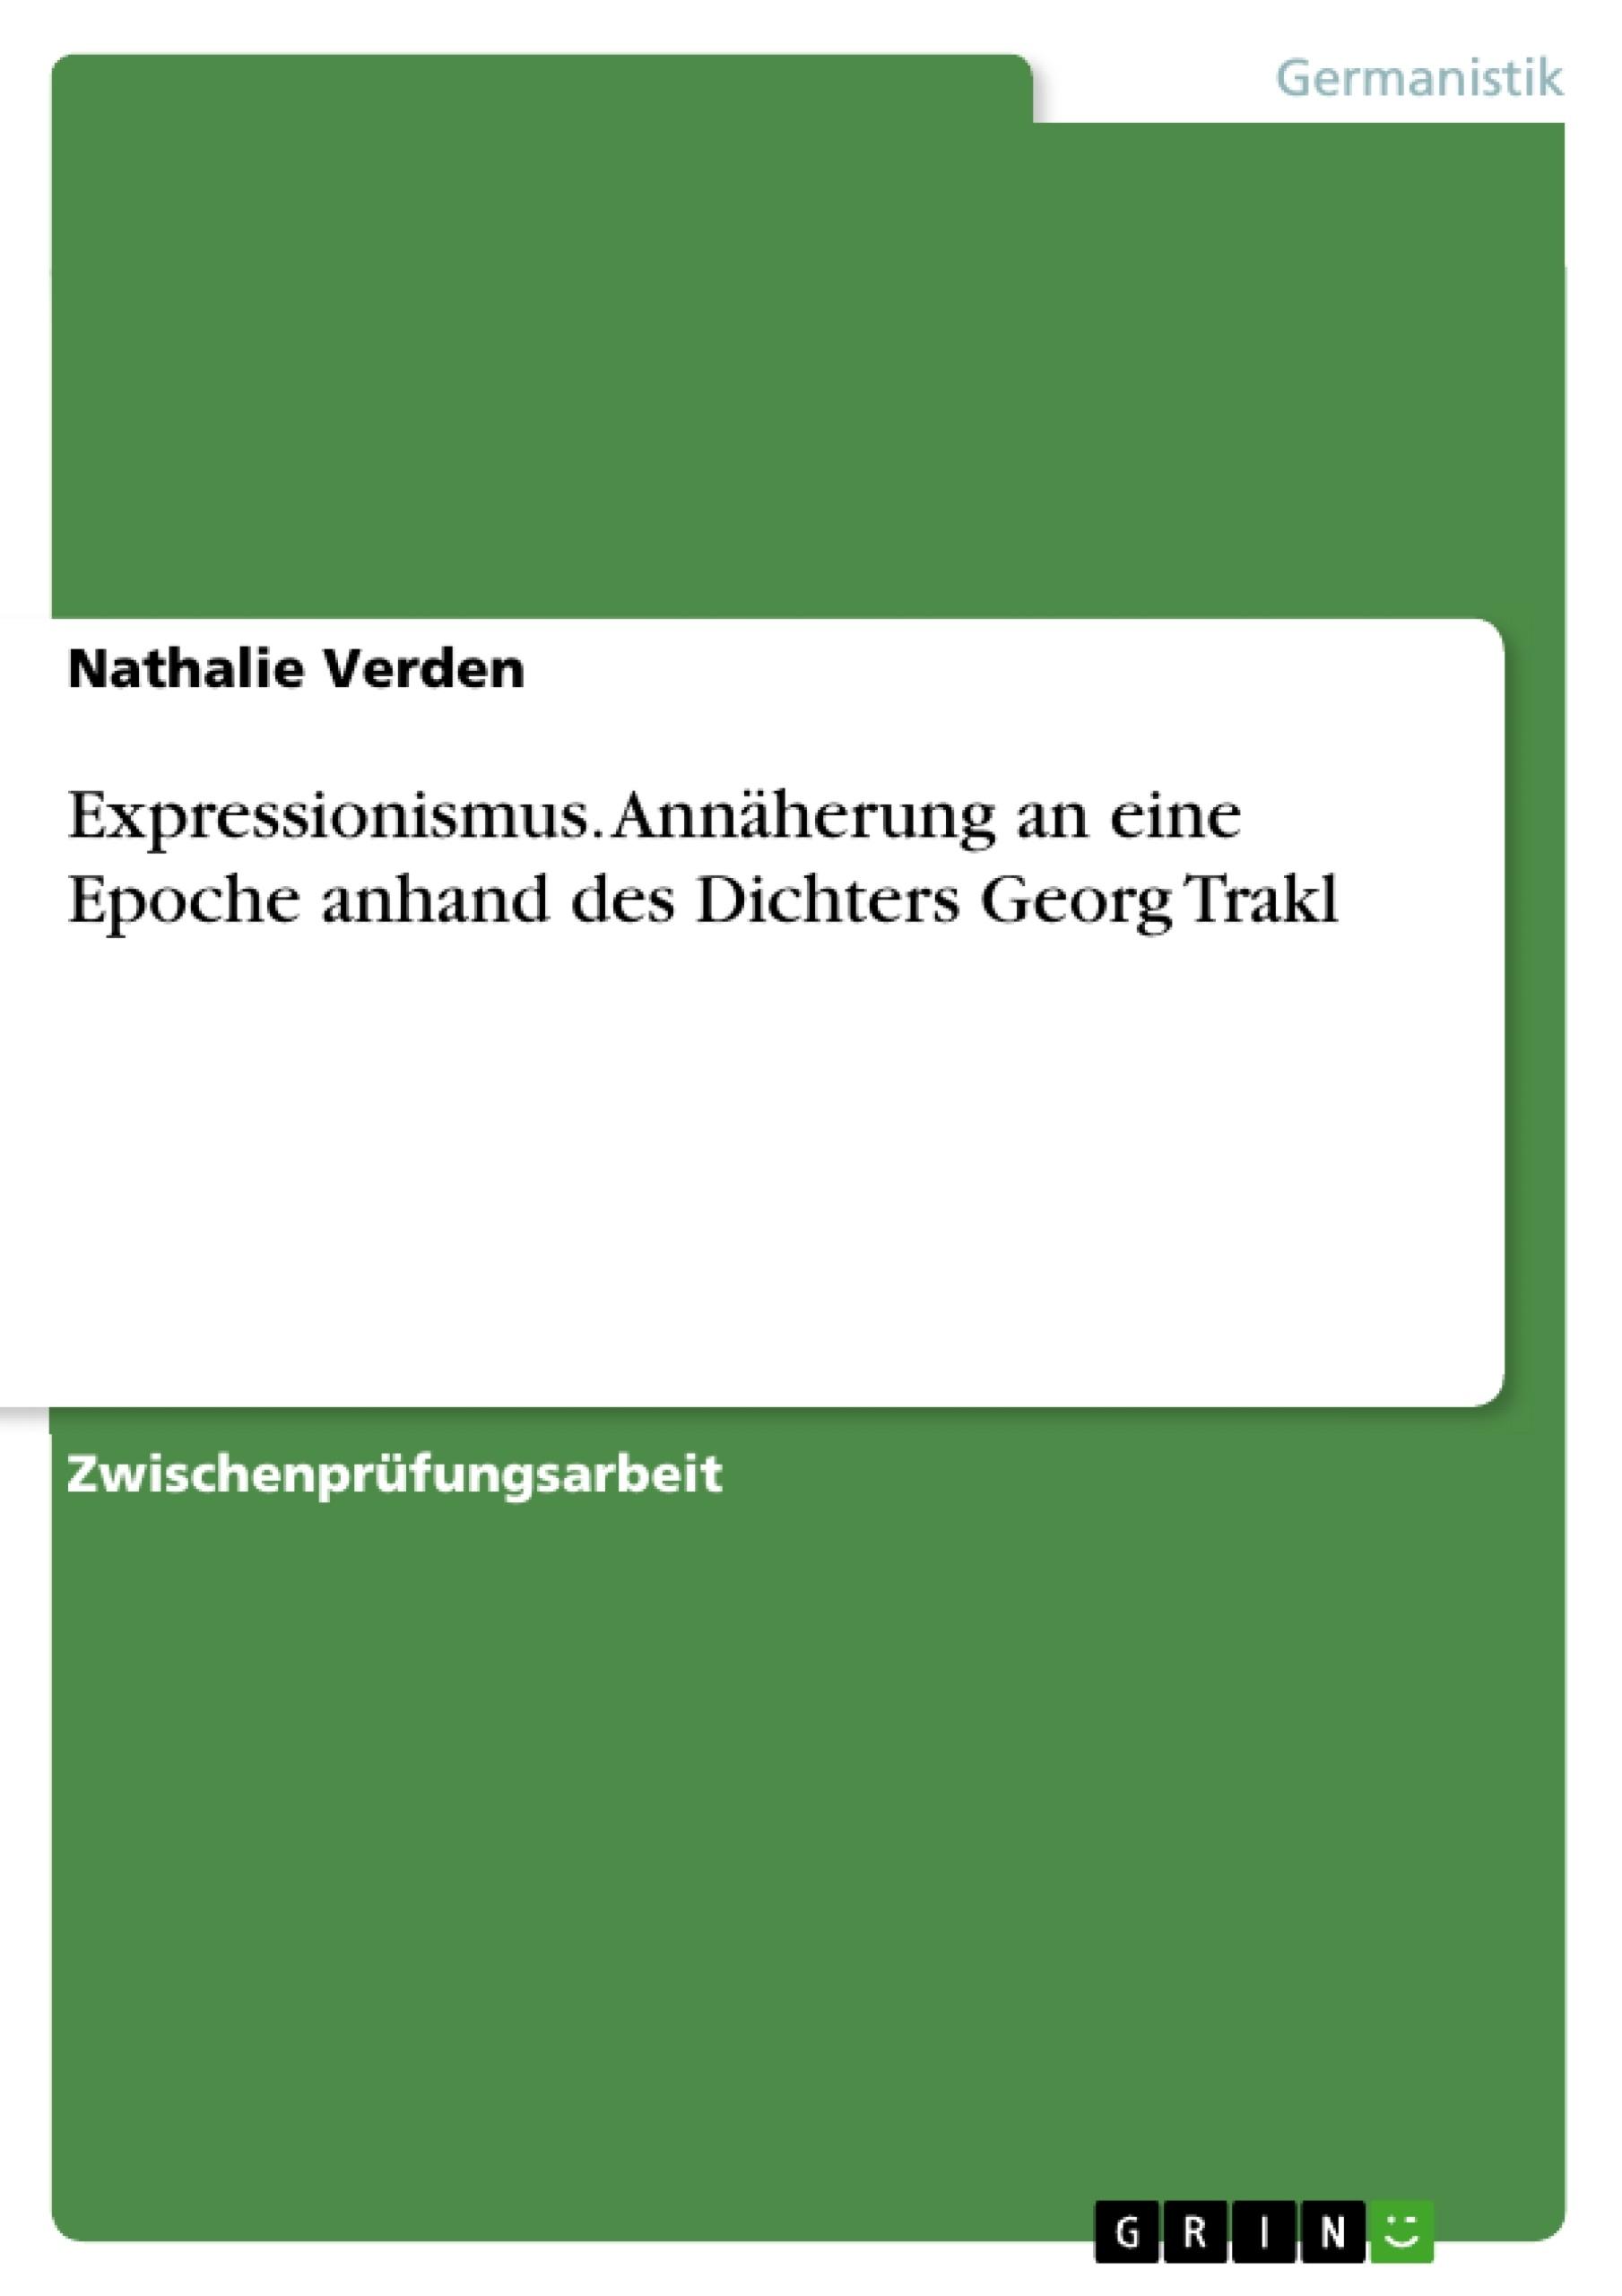 Titel: Expressionismus. Annäherung an eine Epoche anhand des Dichters Georg Trakl